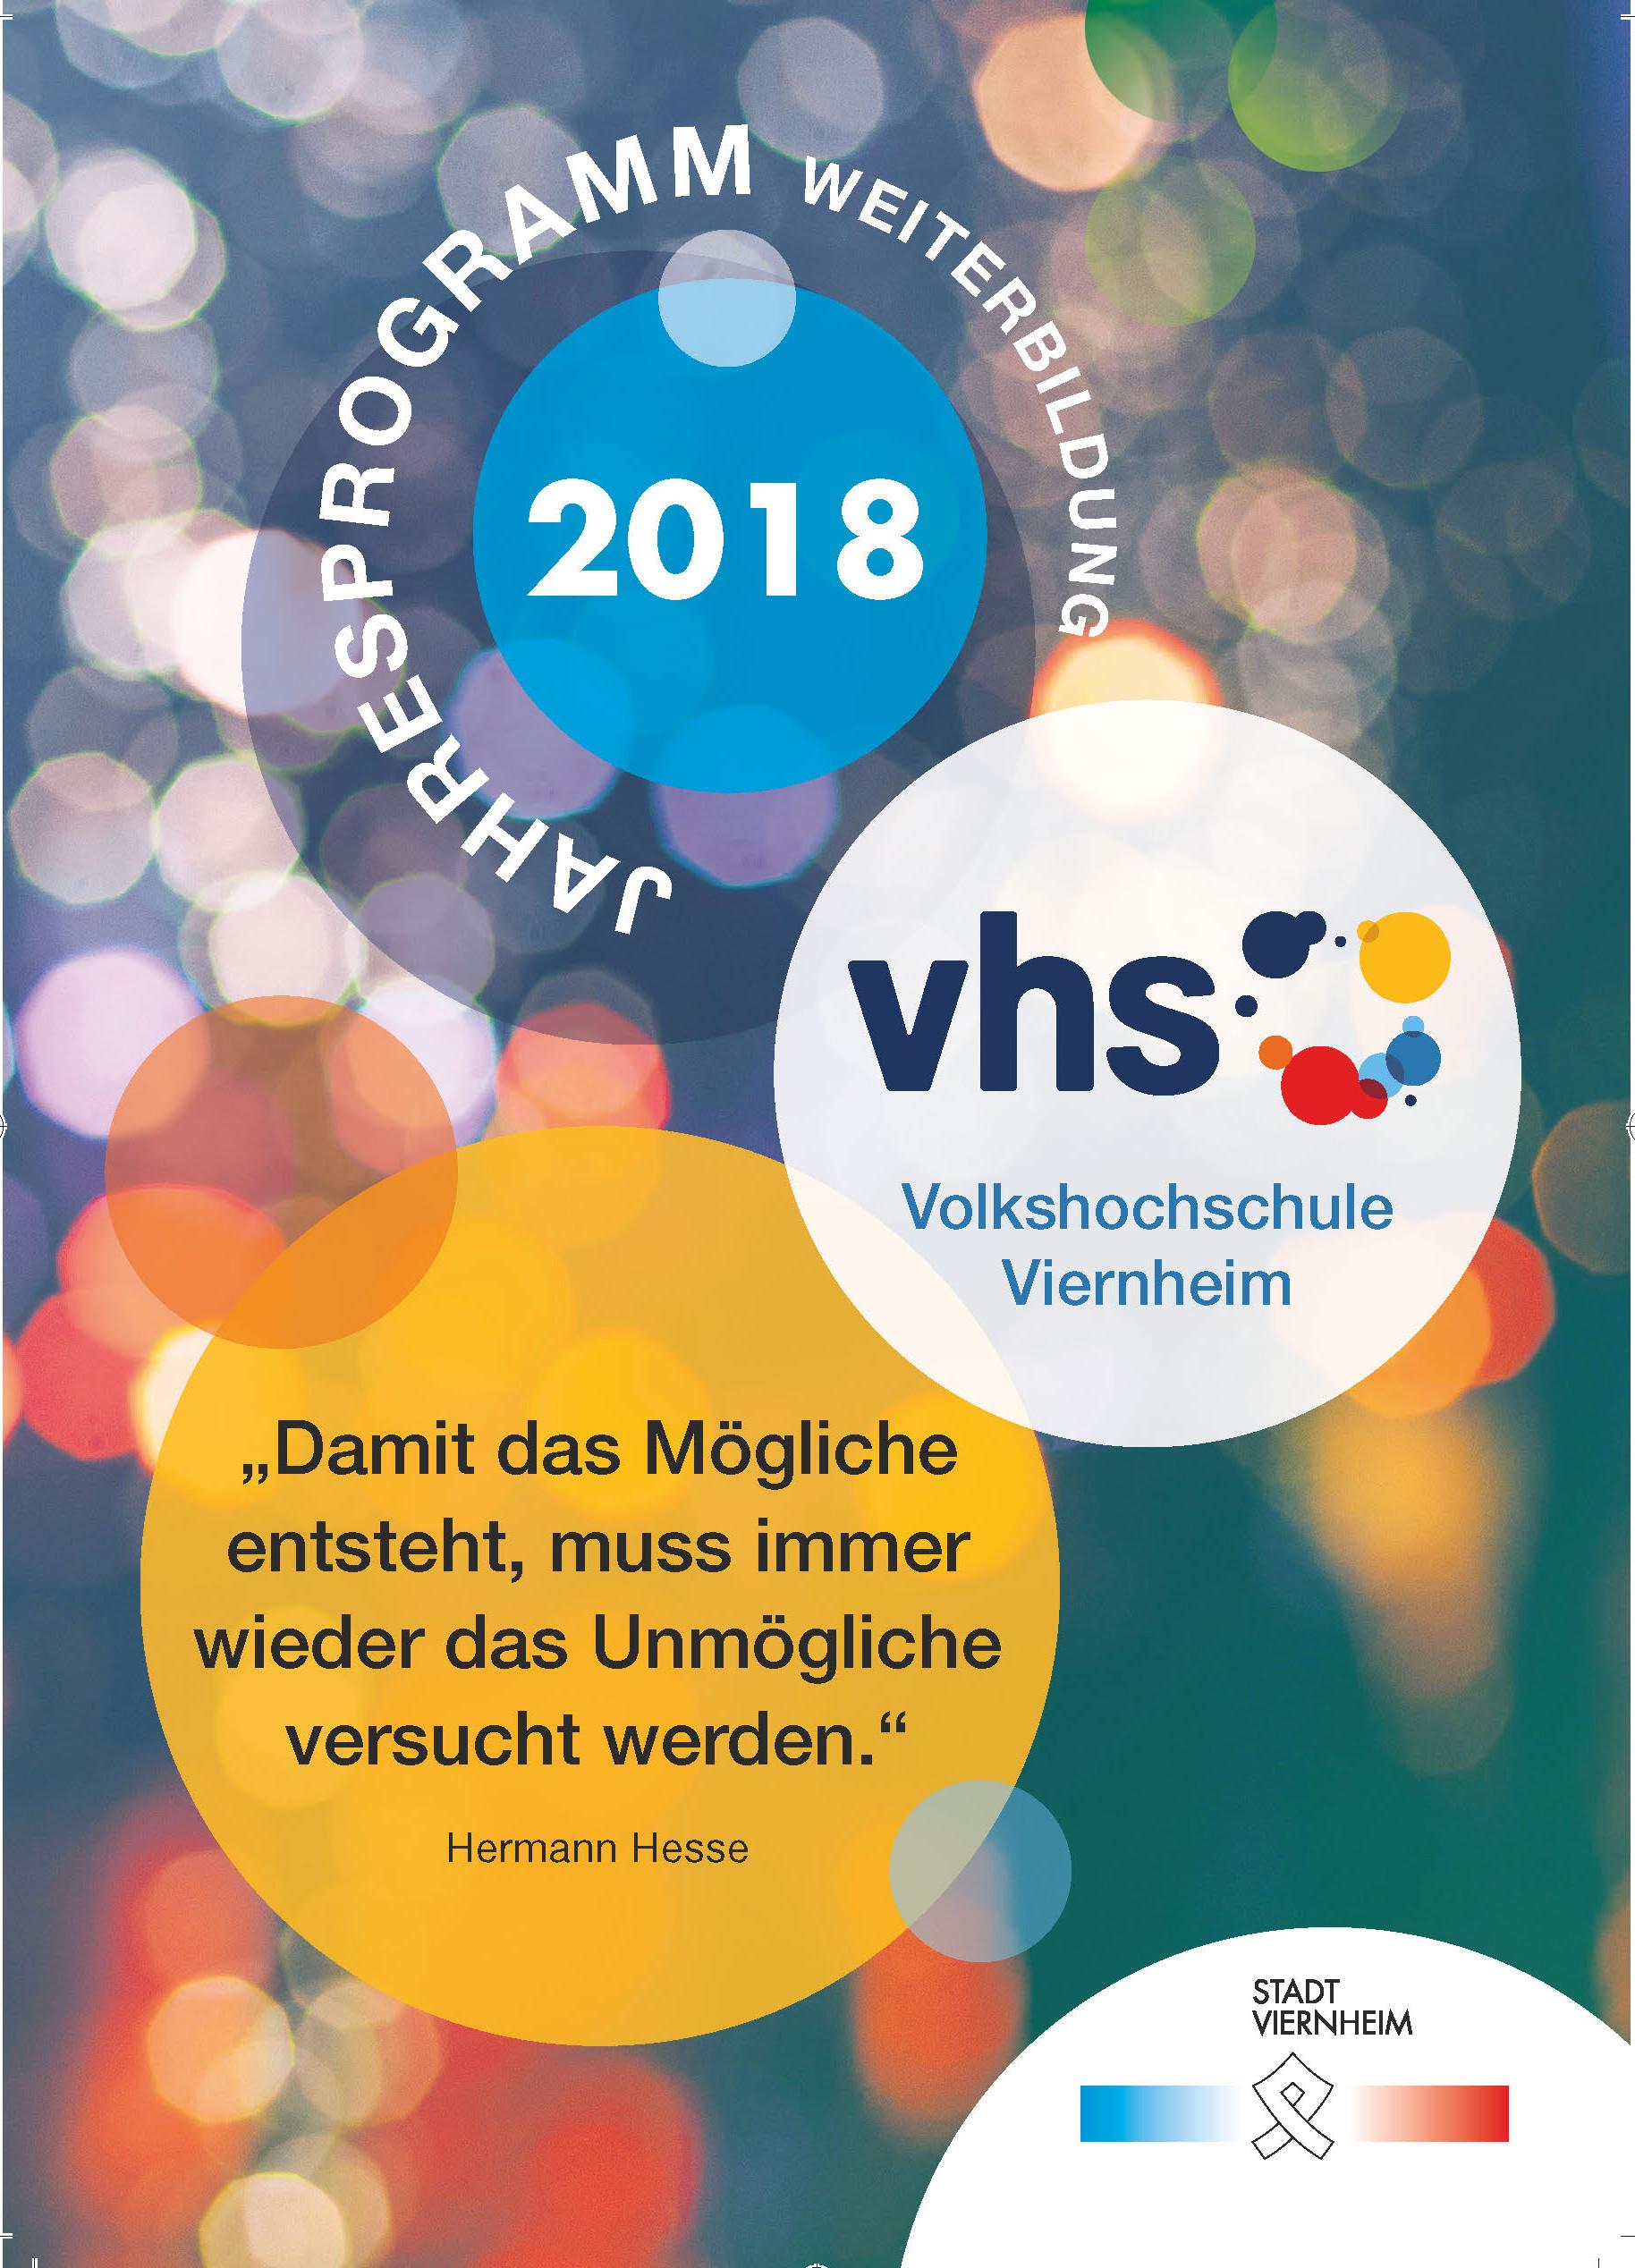 Www Viernheim De Vhs Programm 2018 Hieroglyphen Kochen